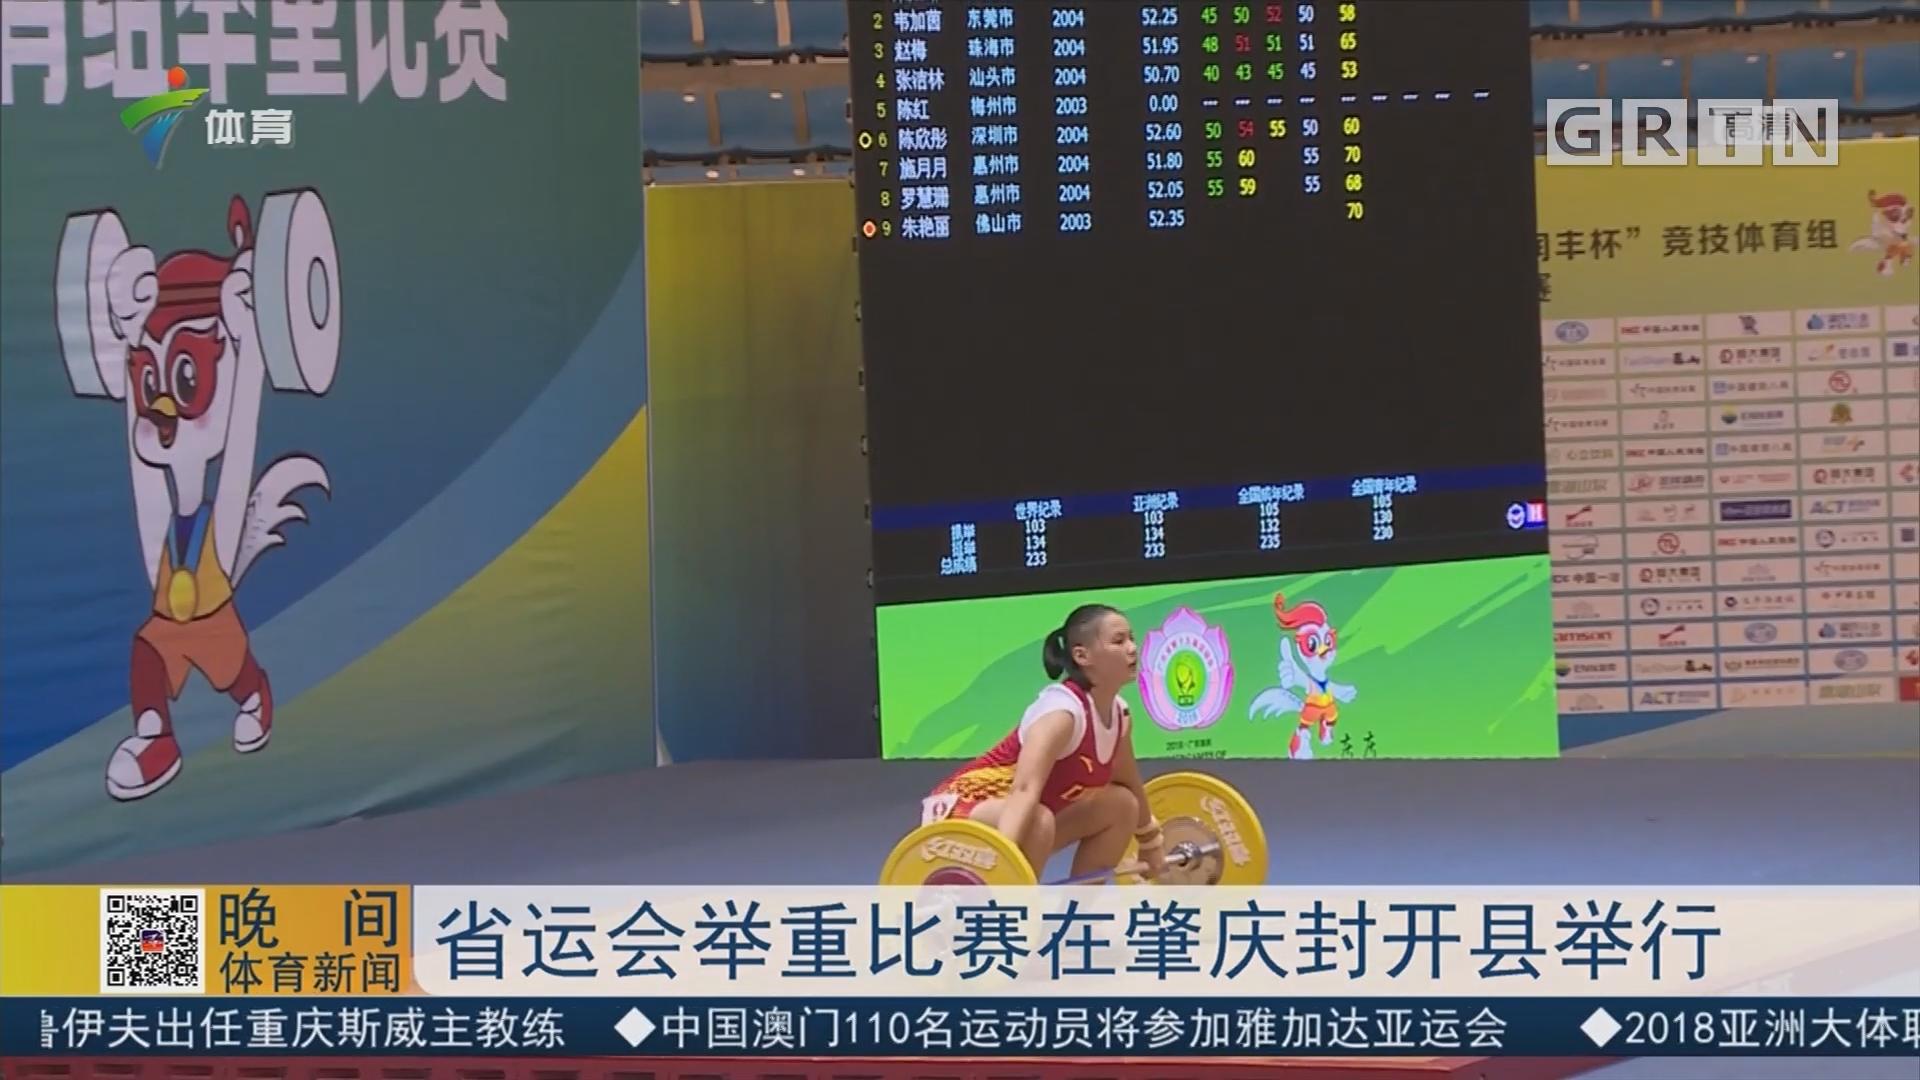 省运会举重比赛在肇庆封开县举行